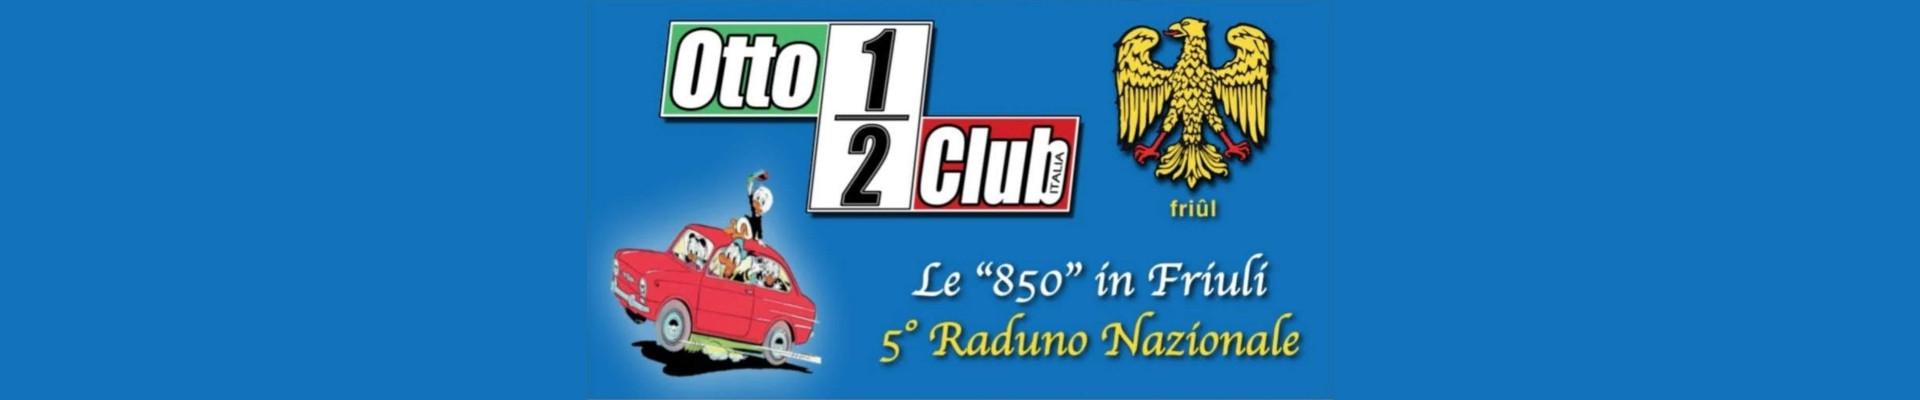 5° Raduno Nazionale OTTOEMEZZO CLUB ITALIA Friuli (10)-11-12 Settembre 2021